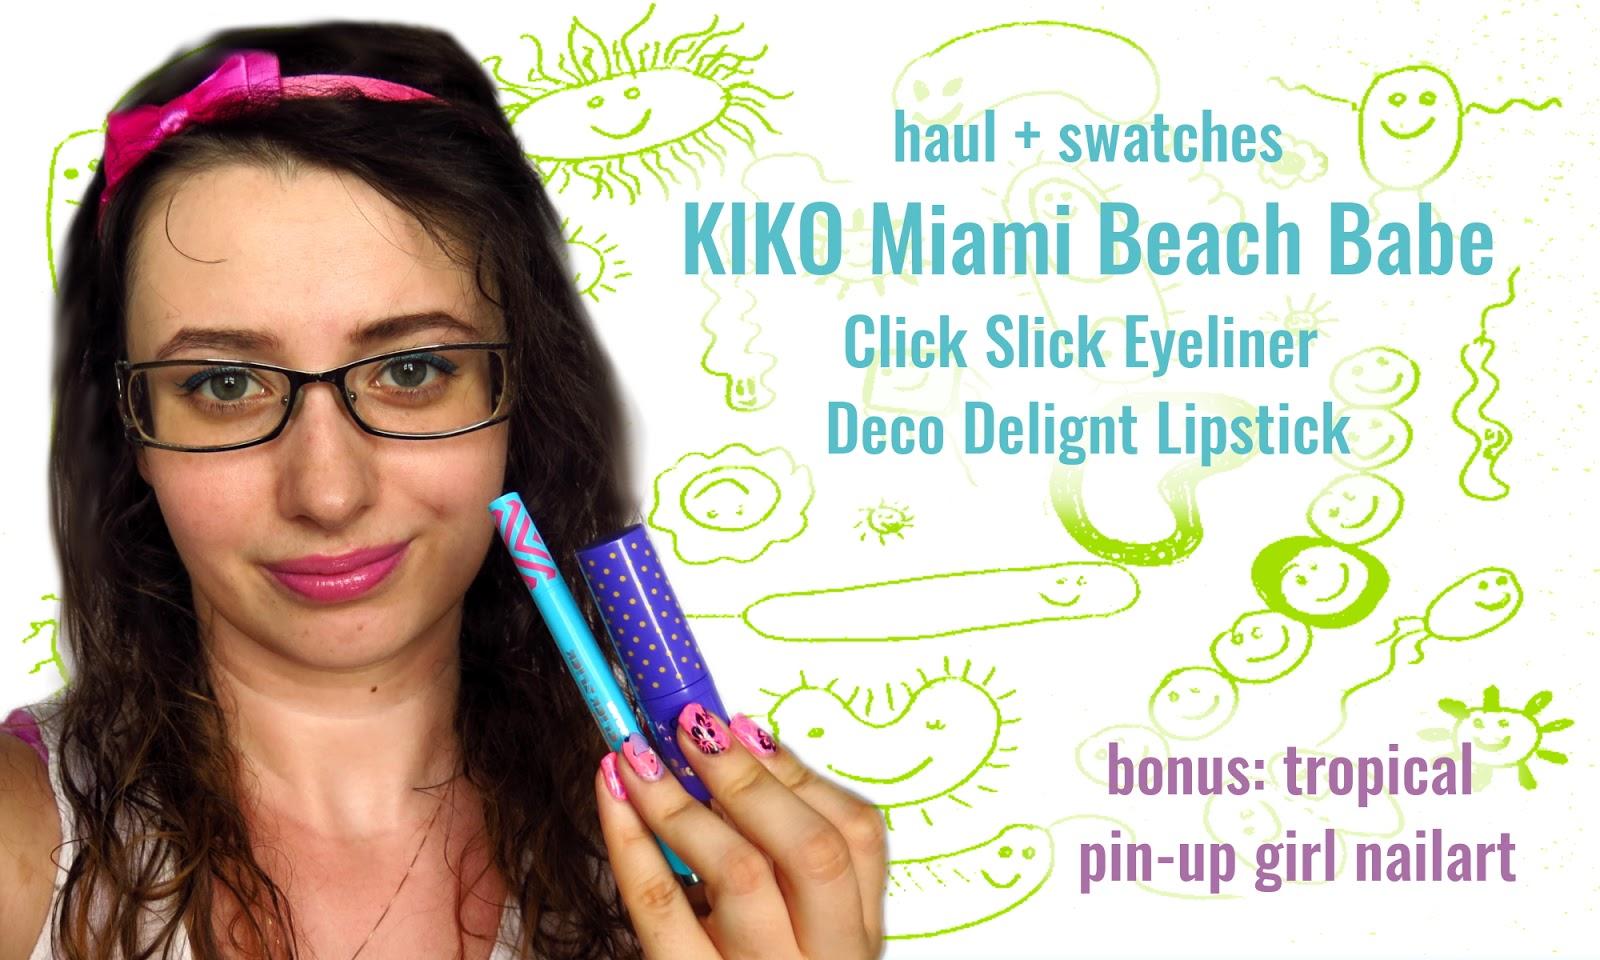 Olśniewający eyeliner i słodkie pomadki. Haul: KIKO Miami Beach Babe LE